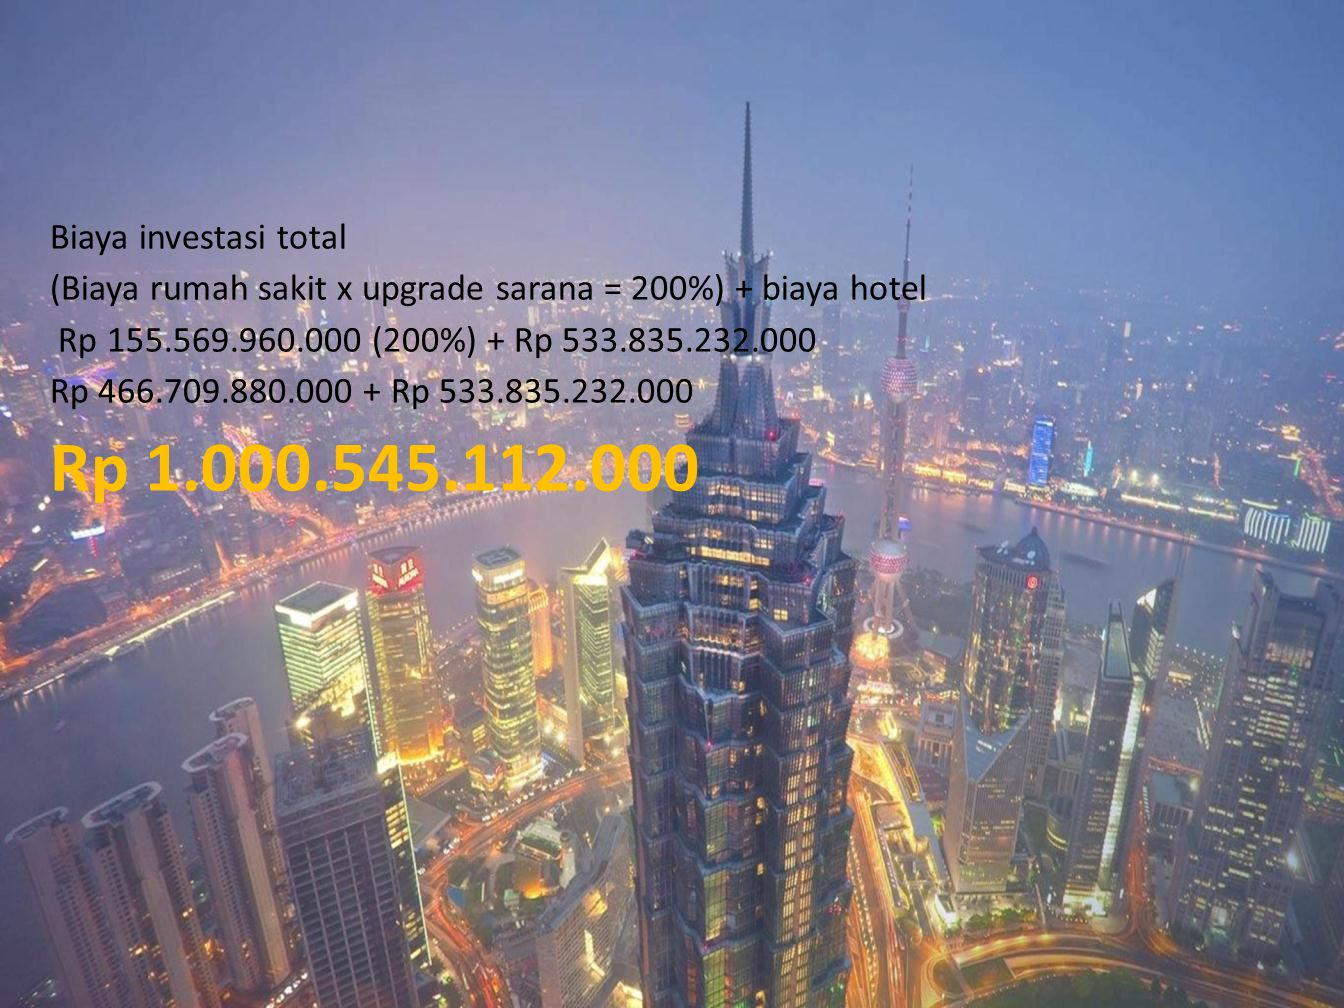 Rp 1.000.545.112.000 Biaya investasi total